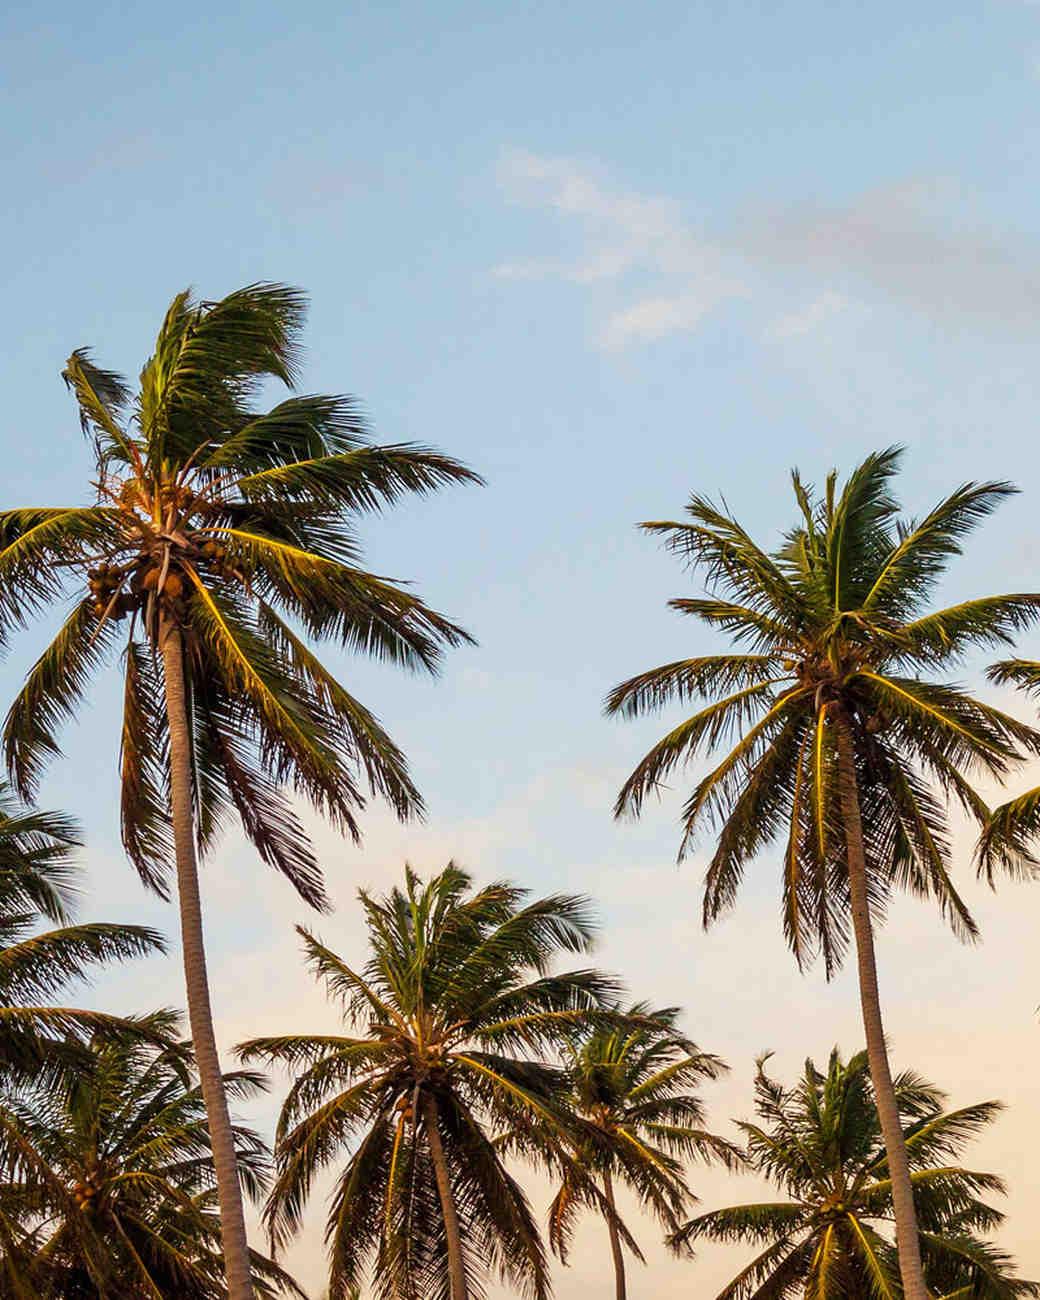 palm-trees-weekend-getaway-0216.jpg